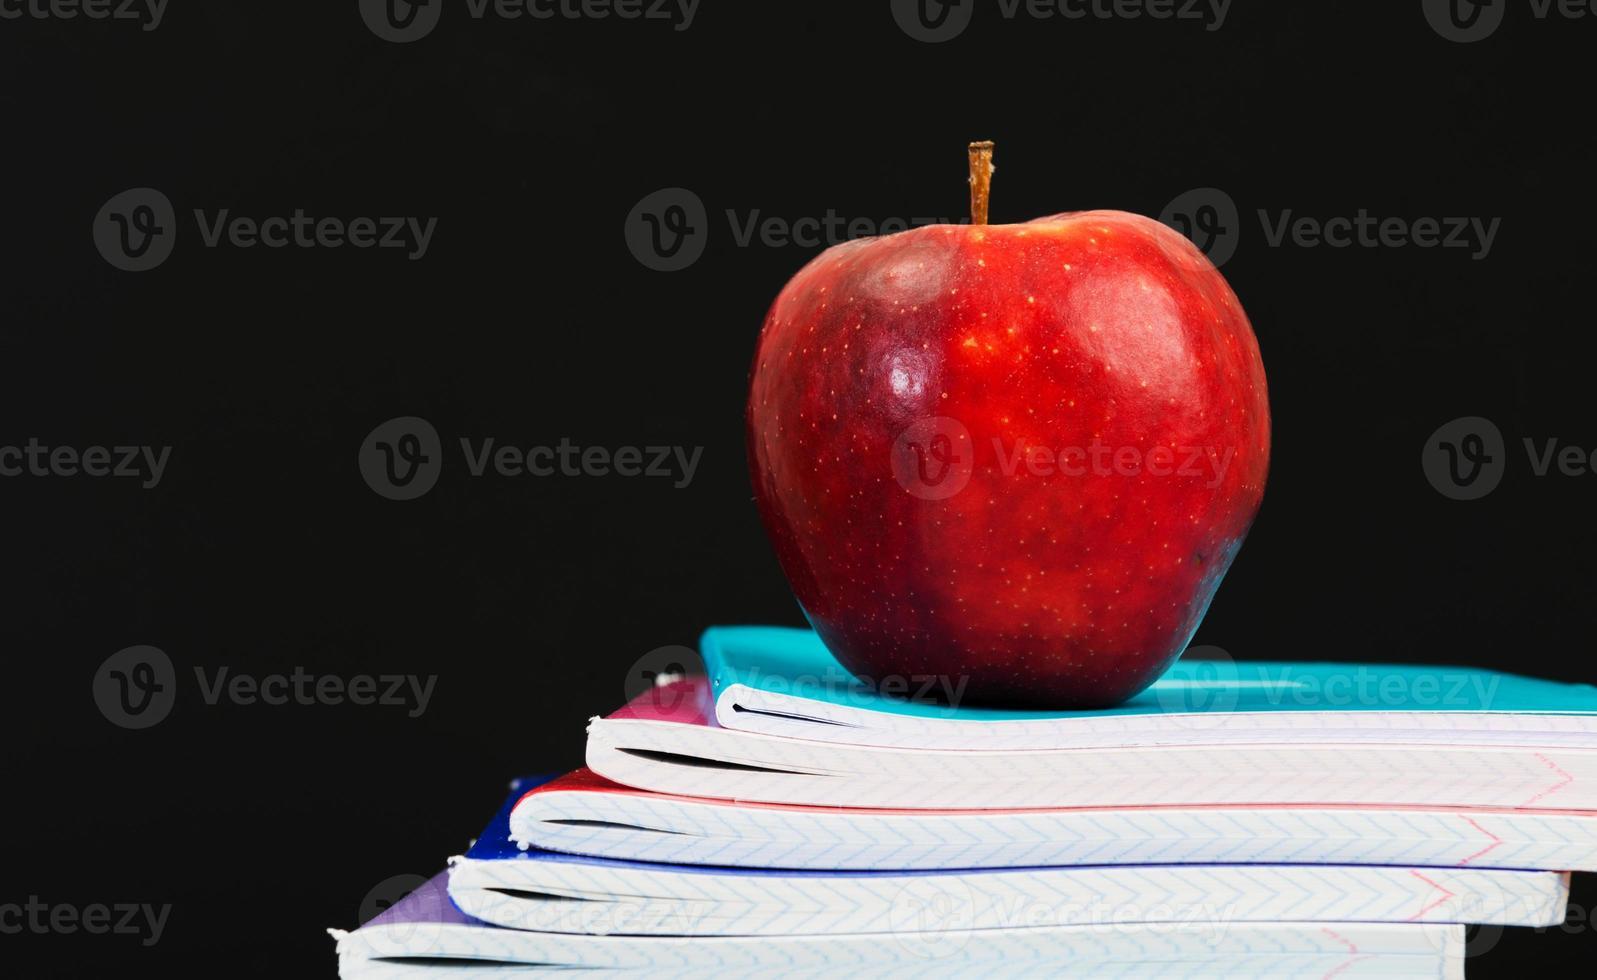 accessoires voor scholieren en studentenstudies. foto